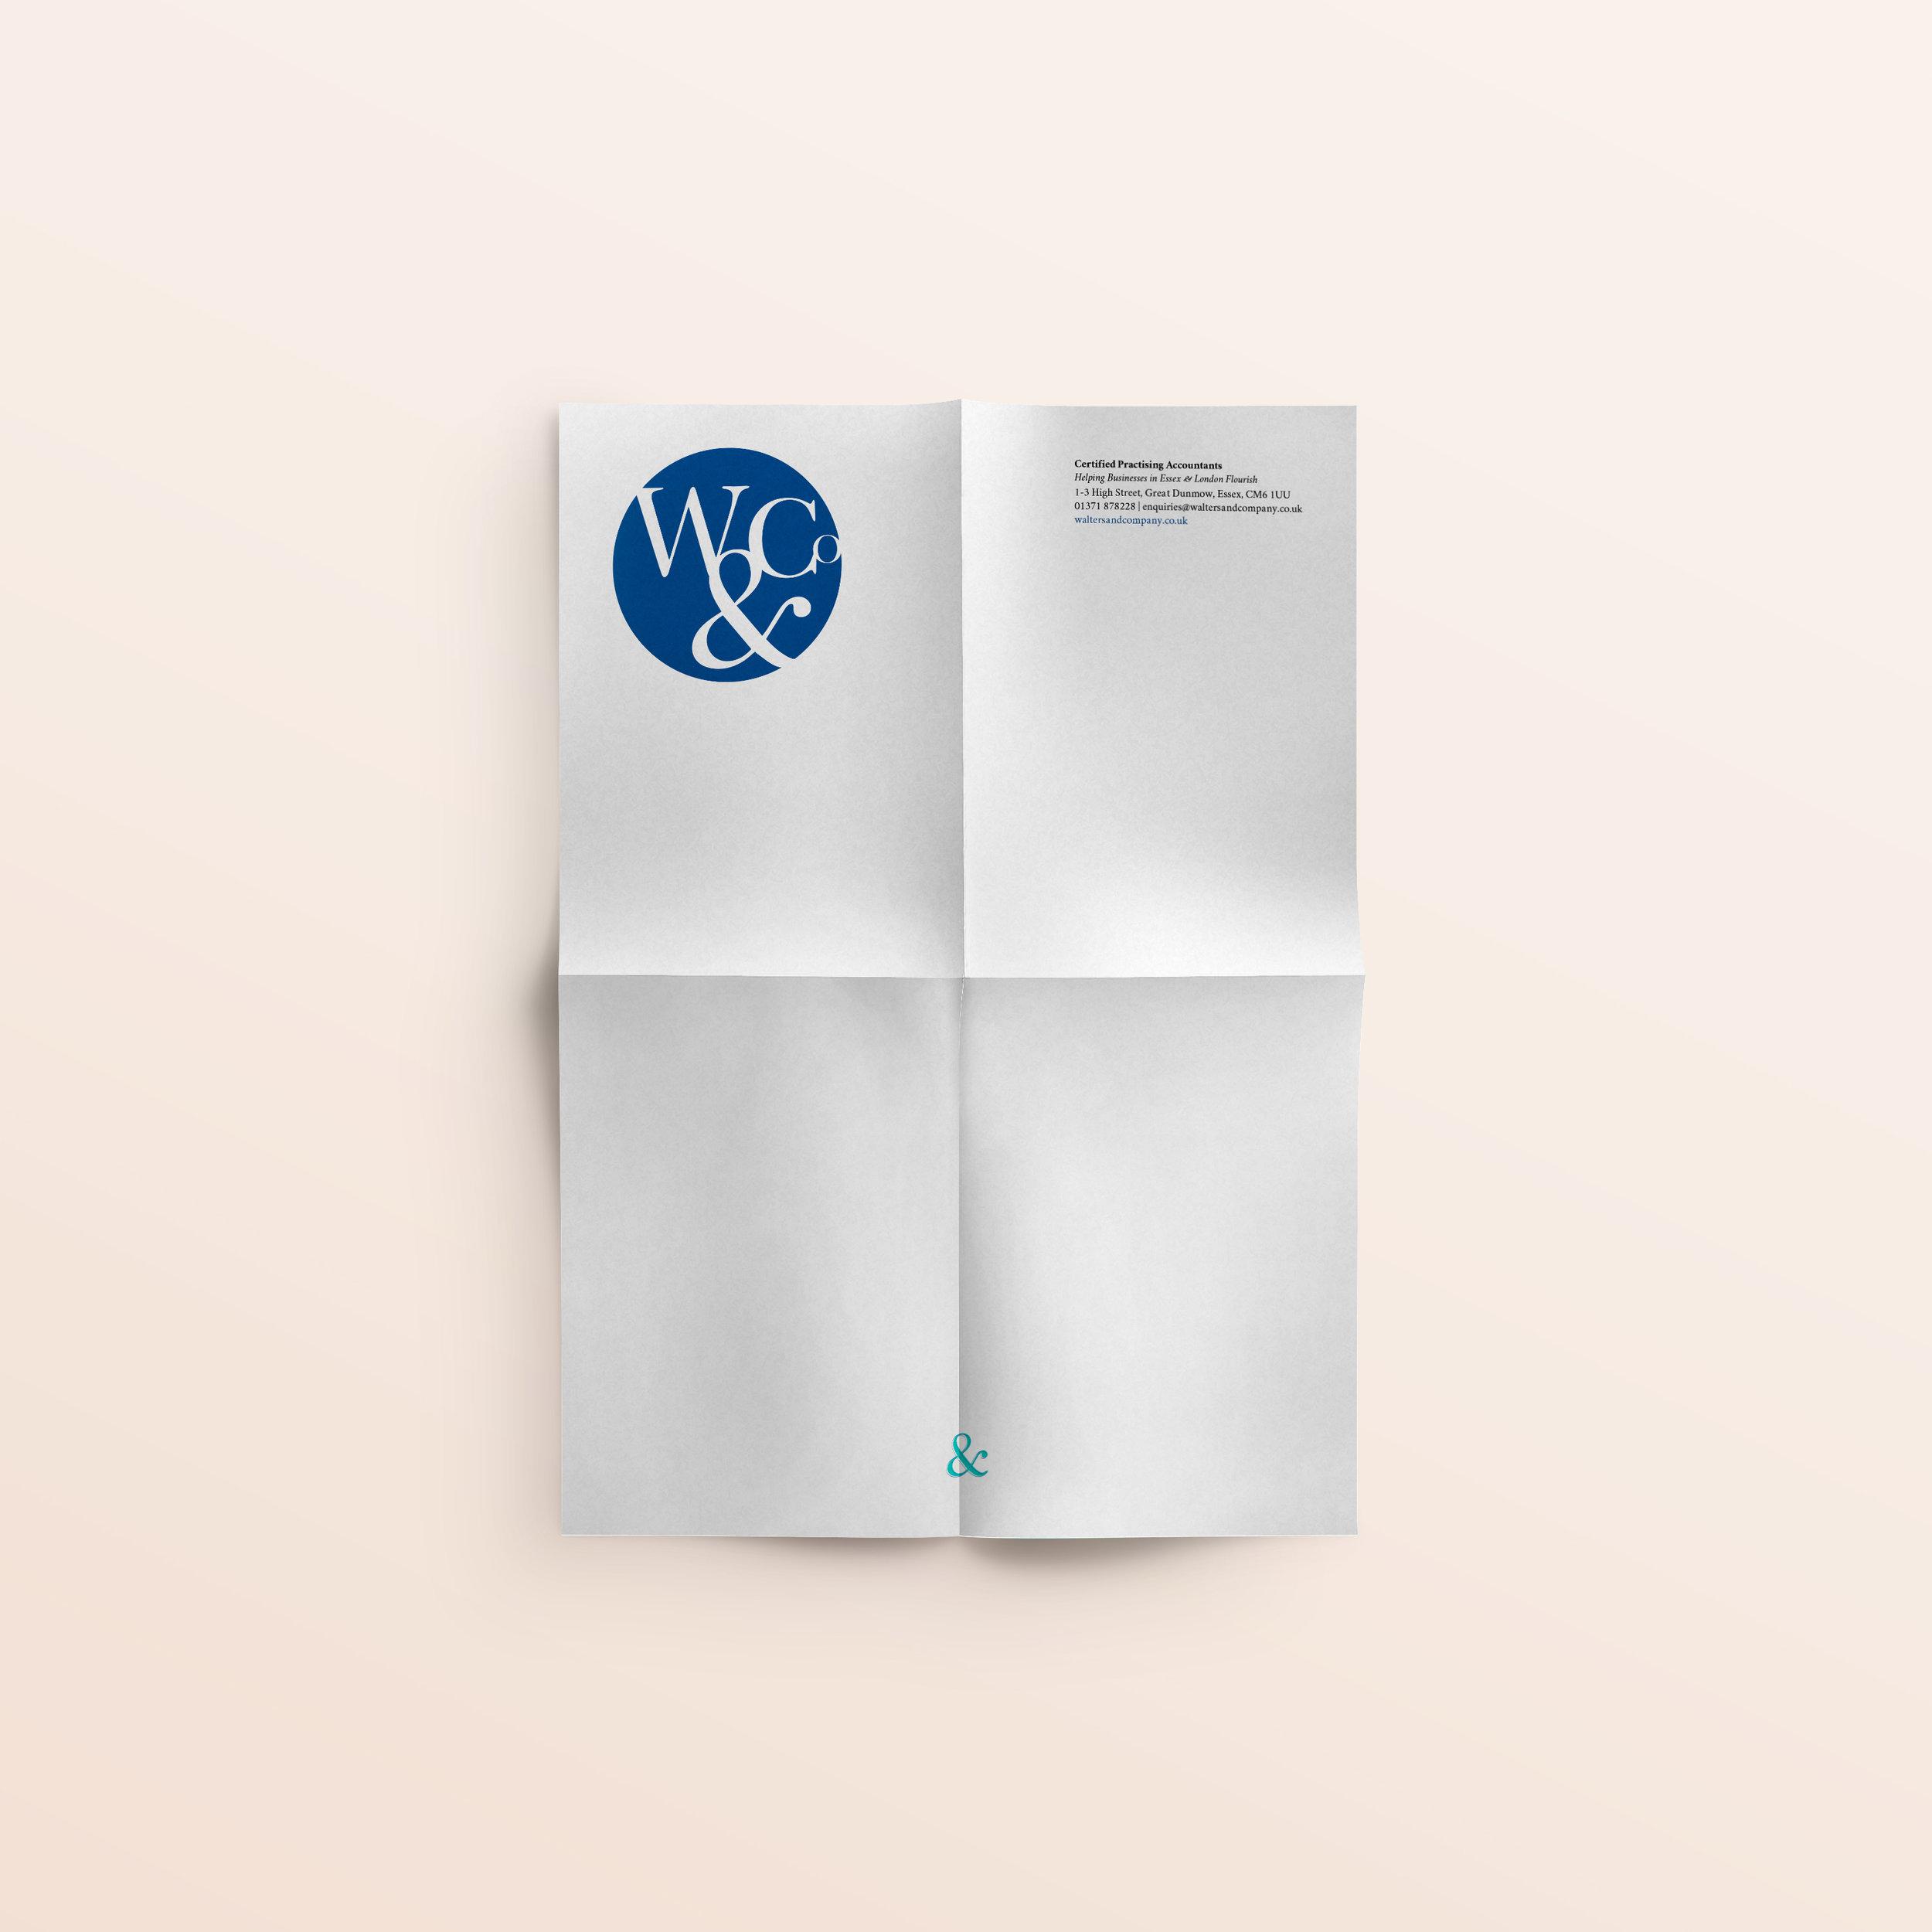 Walters & Co Headed Paper Mock Up.jpg